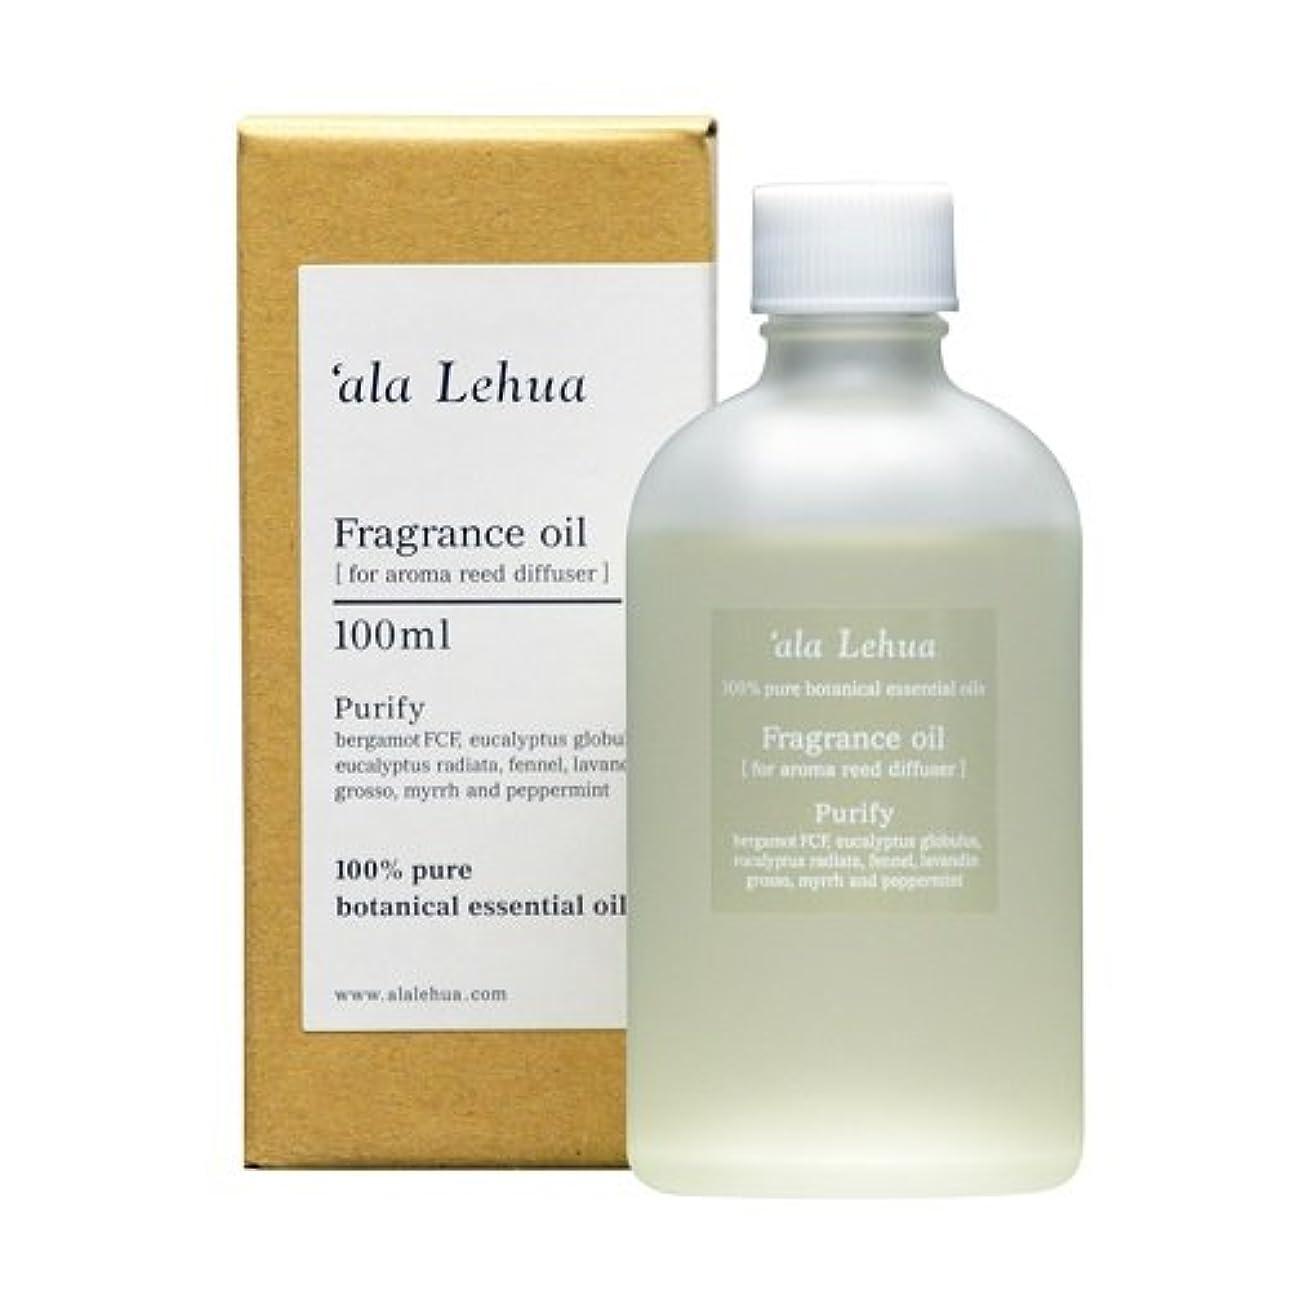 発音有益要塞フレーバーライフ(Flavor Life) `ala Lehua (アラレフア) アロマリードディフューザー フレグランスオイル 100ml purify(ピュリファイ)